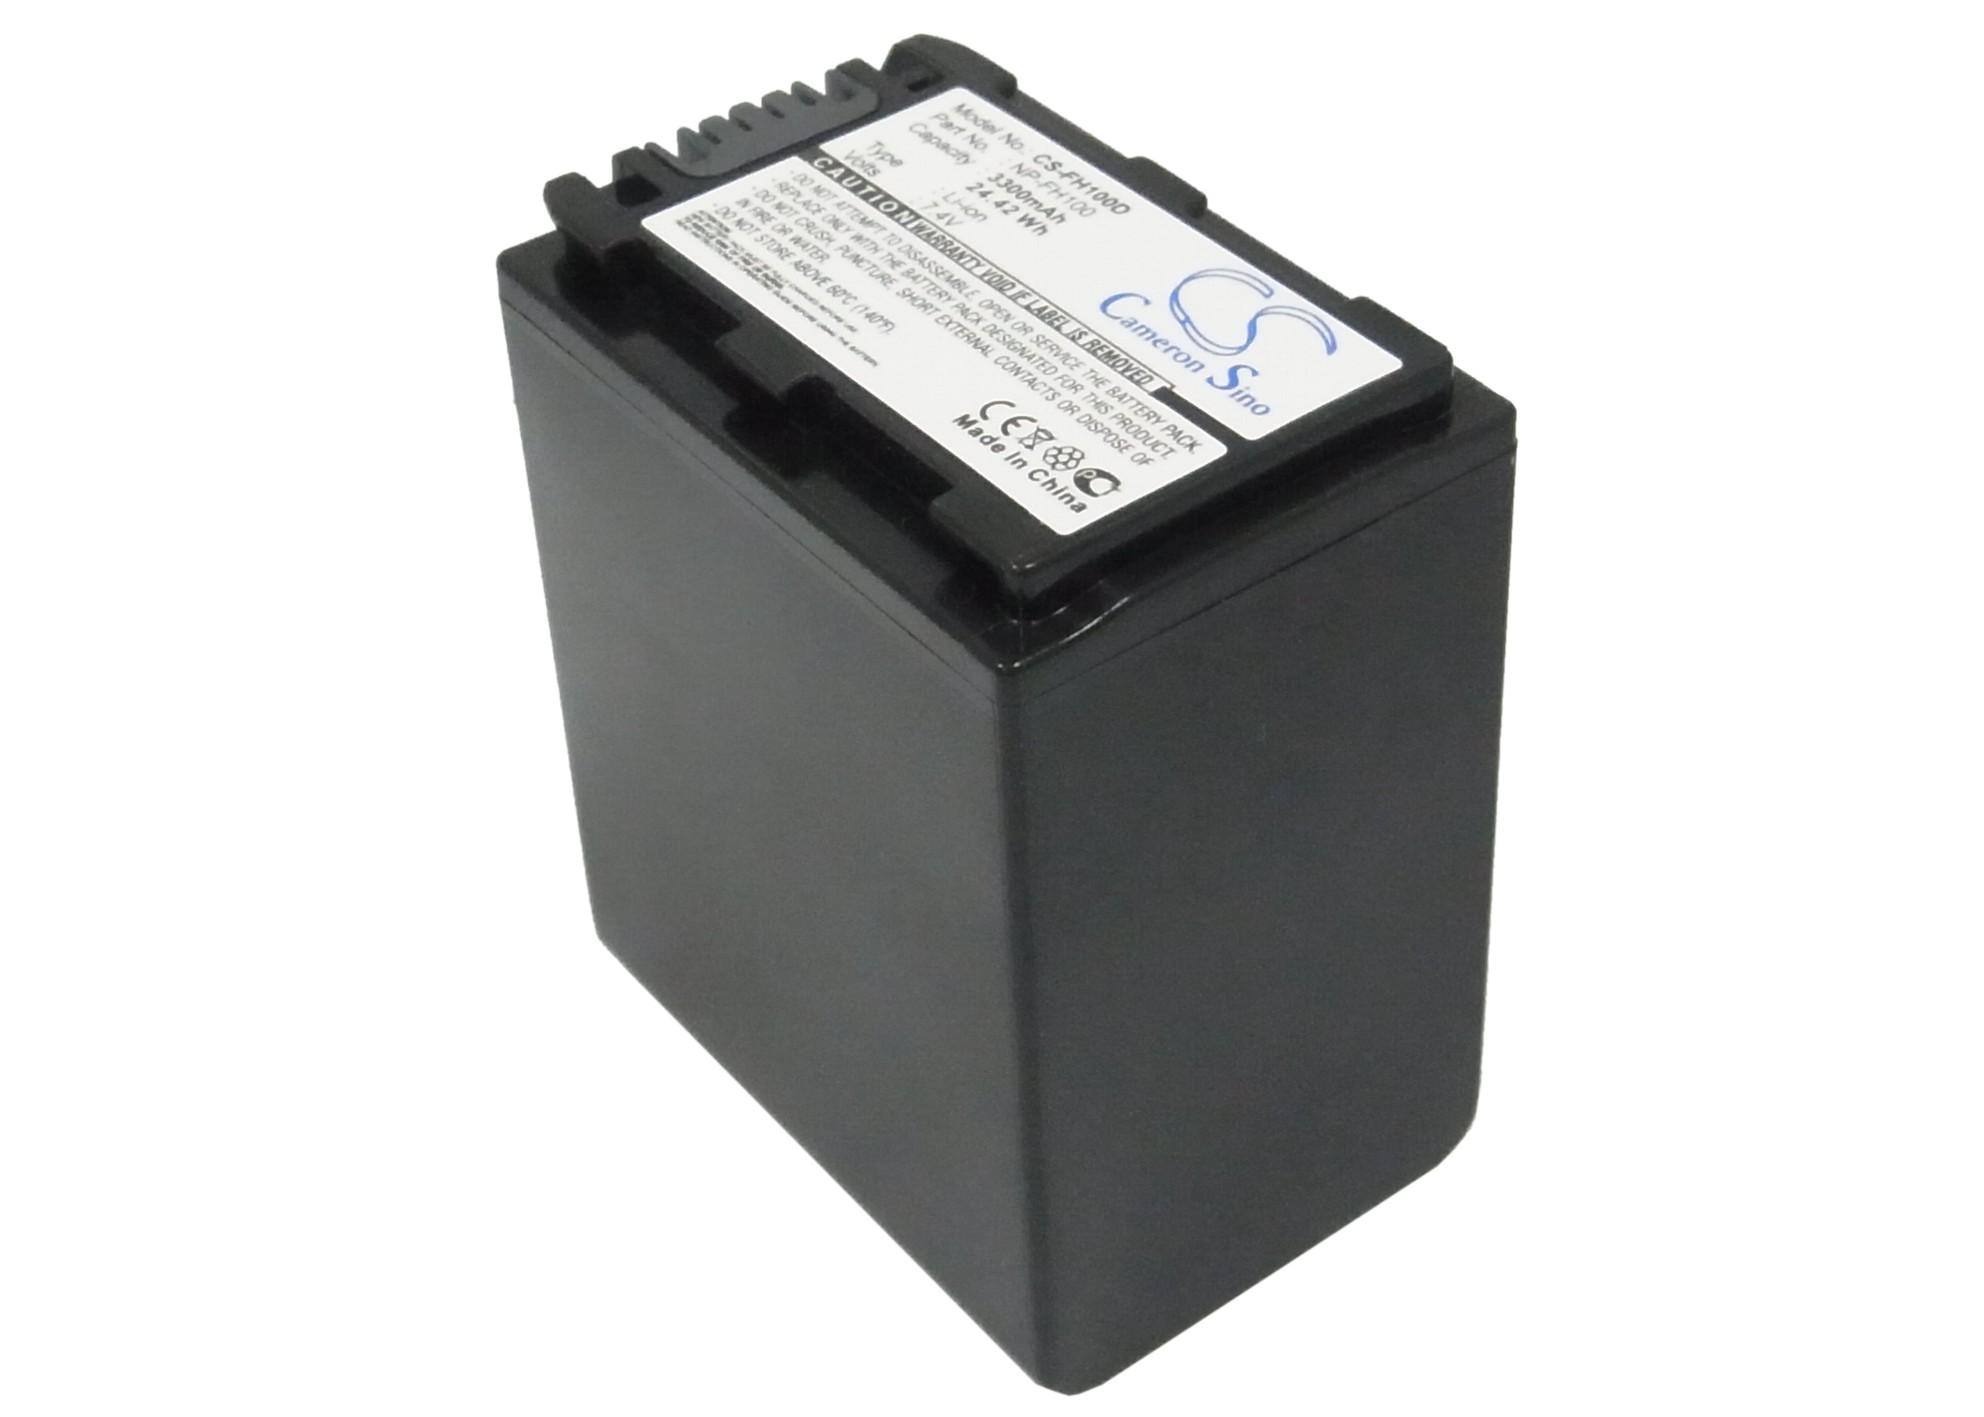 Cameron Sino baterie do kamer a fotoaparátů pro SONY DCR-HC20E 7.4V Li-ion 3300mAh tmavě šedá - neoriginální